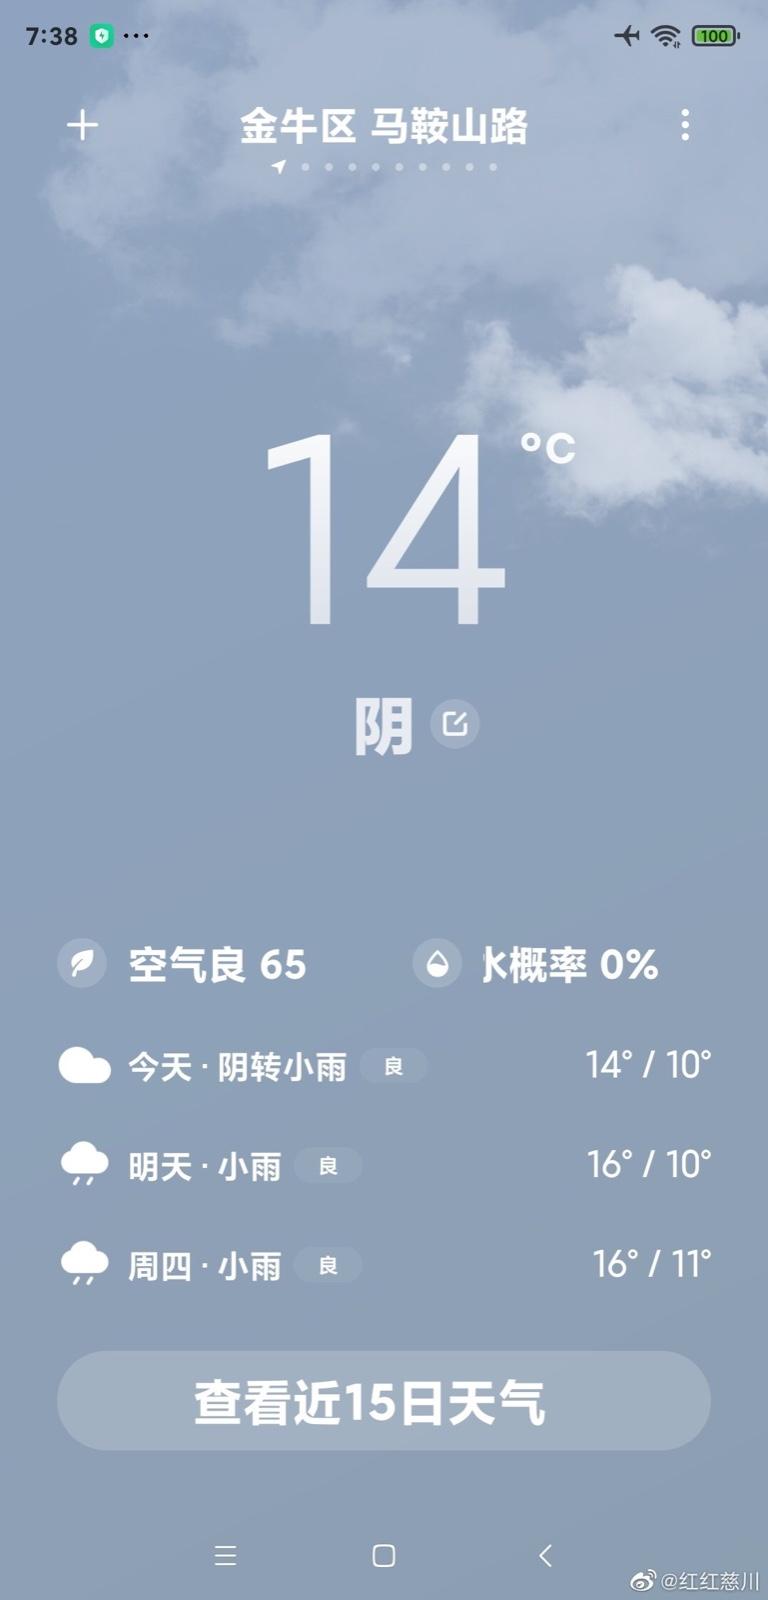 冷,冷冷_图1-4